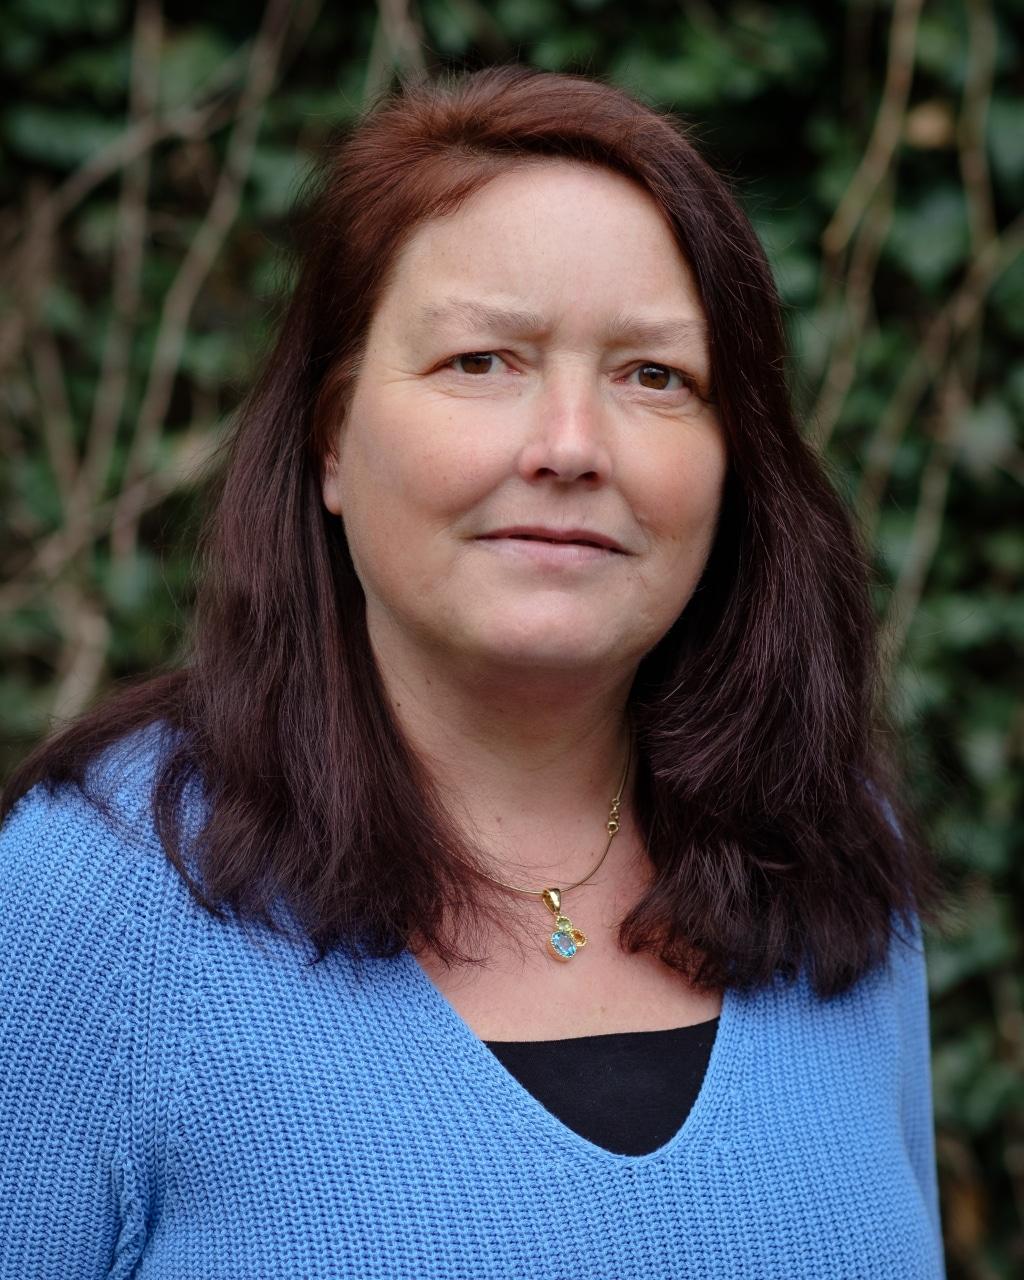 Claudia Mayer-Szilagyi